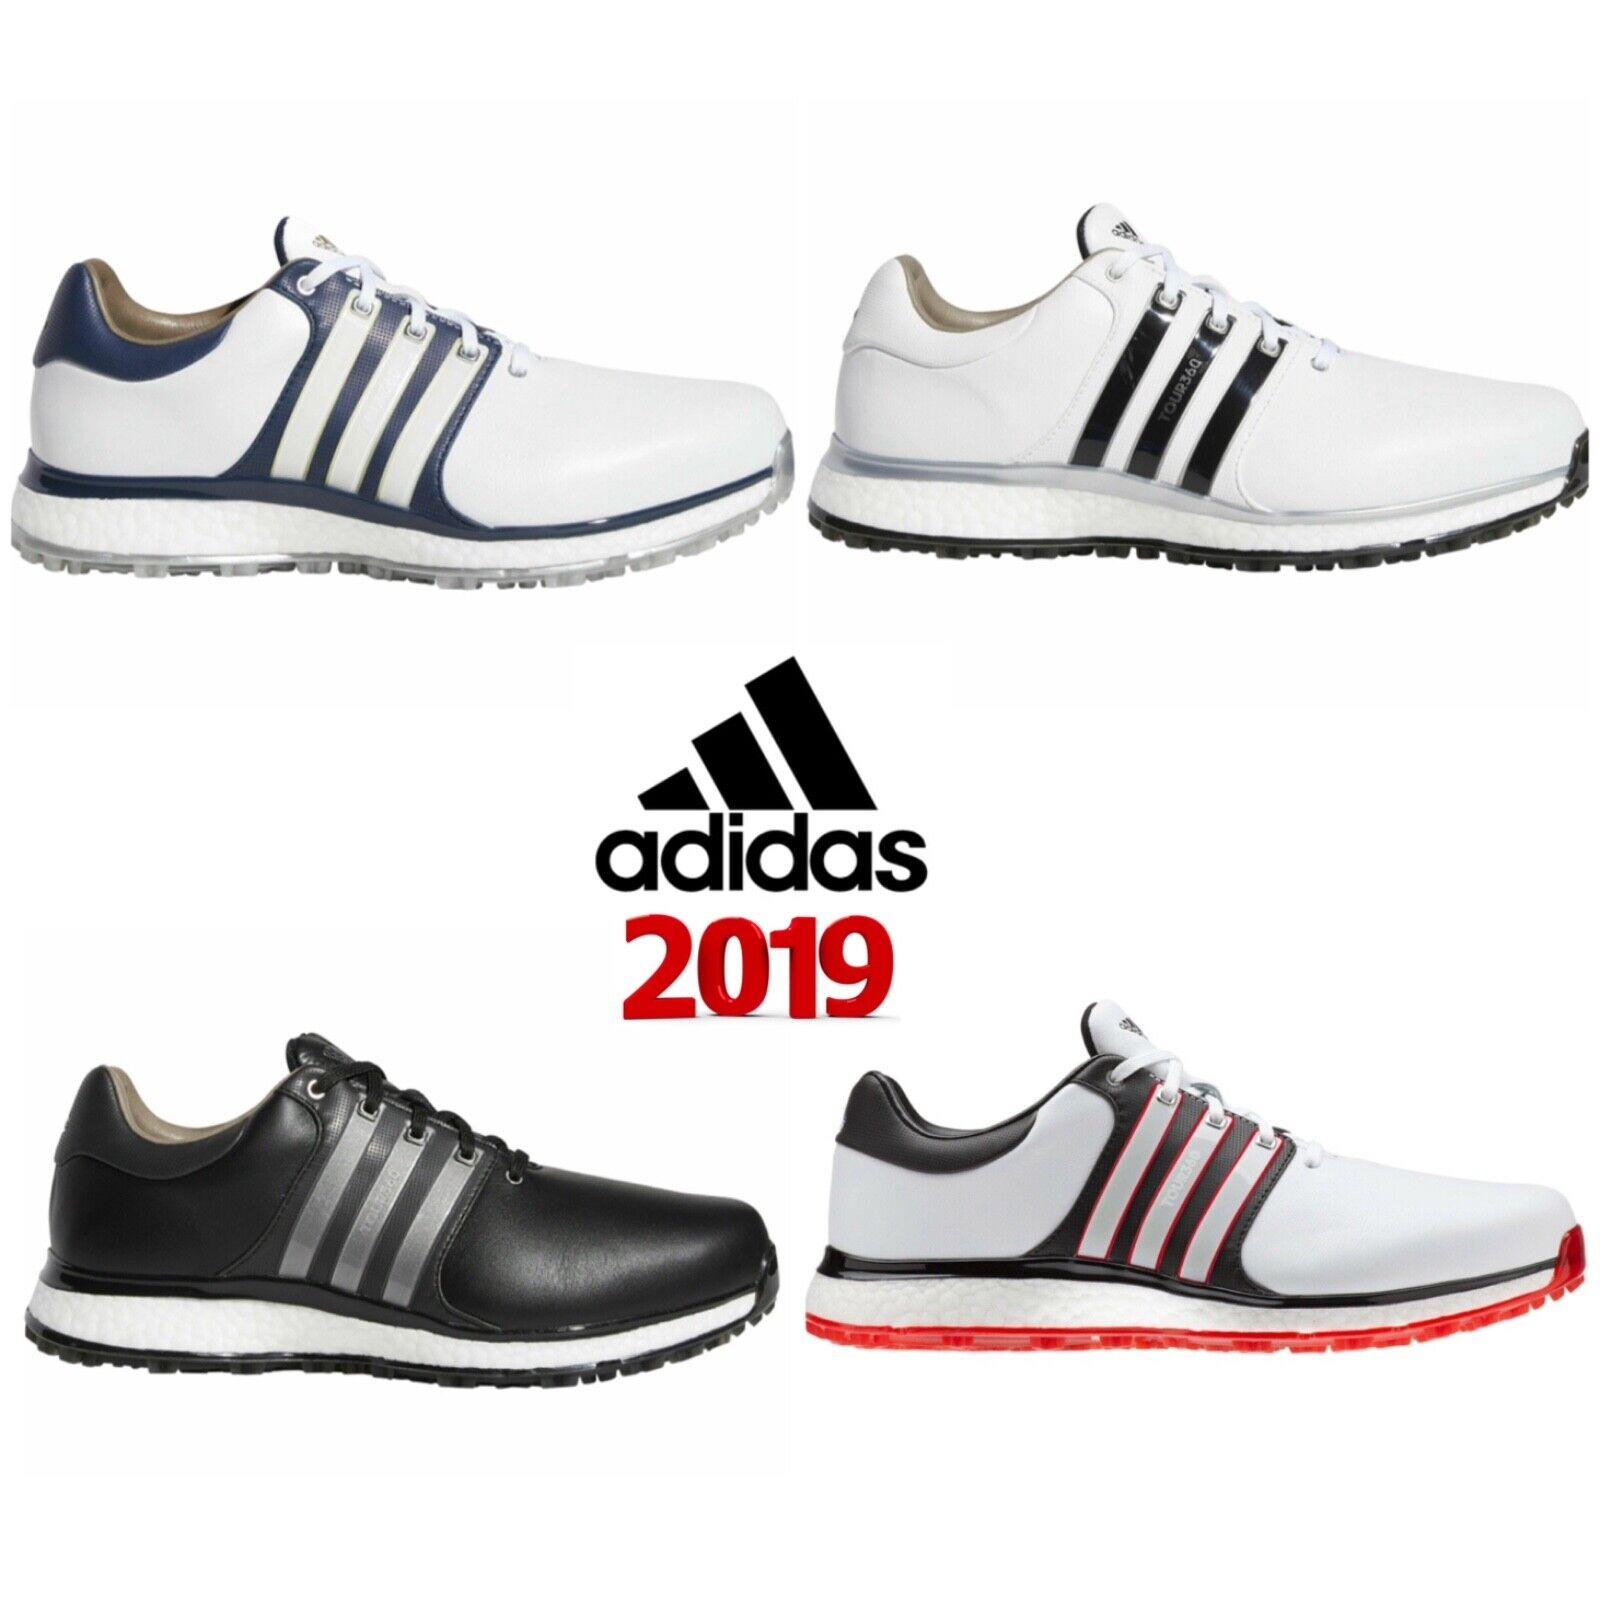 adidas tour 360 2019